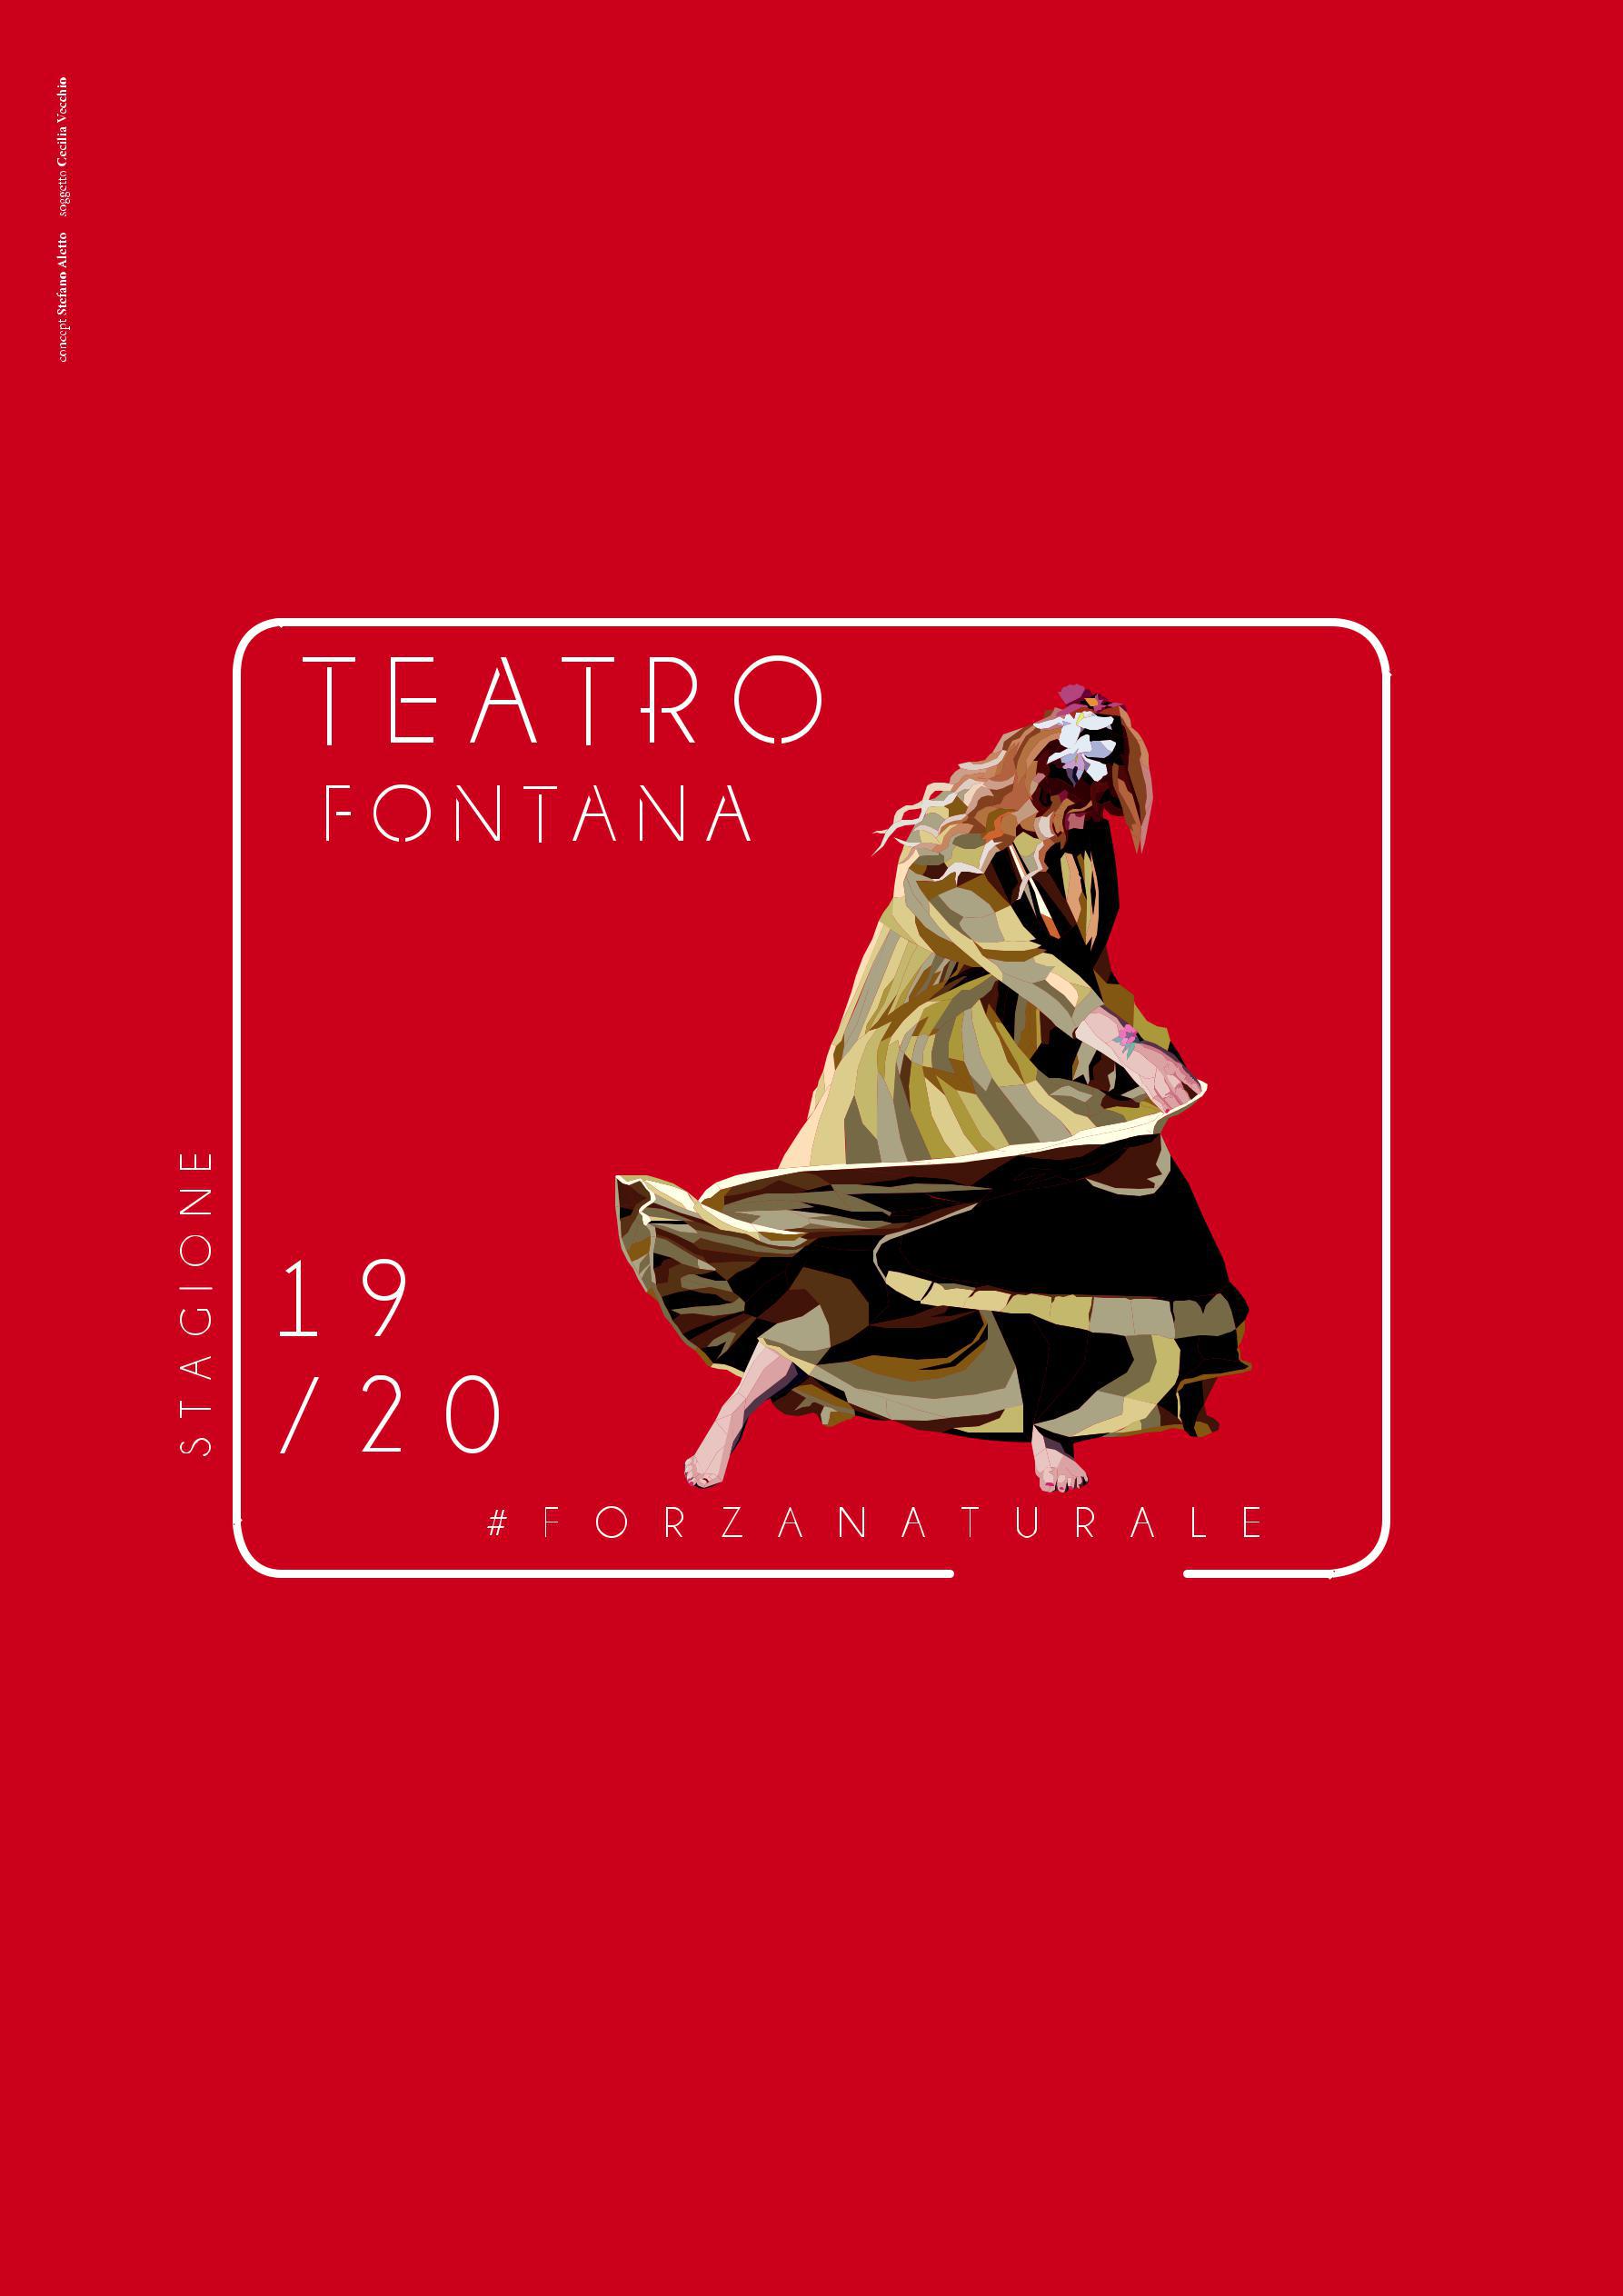 Calendario Persiano 2020.Teatro Fontana Milano Ecco La Nuova Stagione 2019 2020